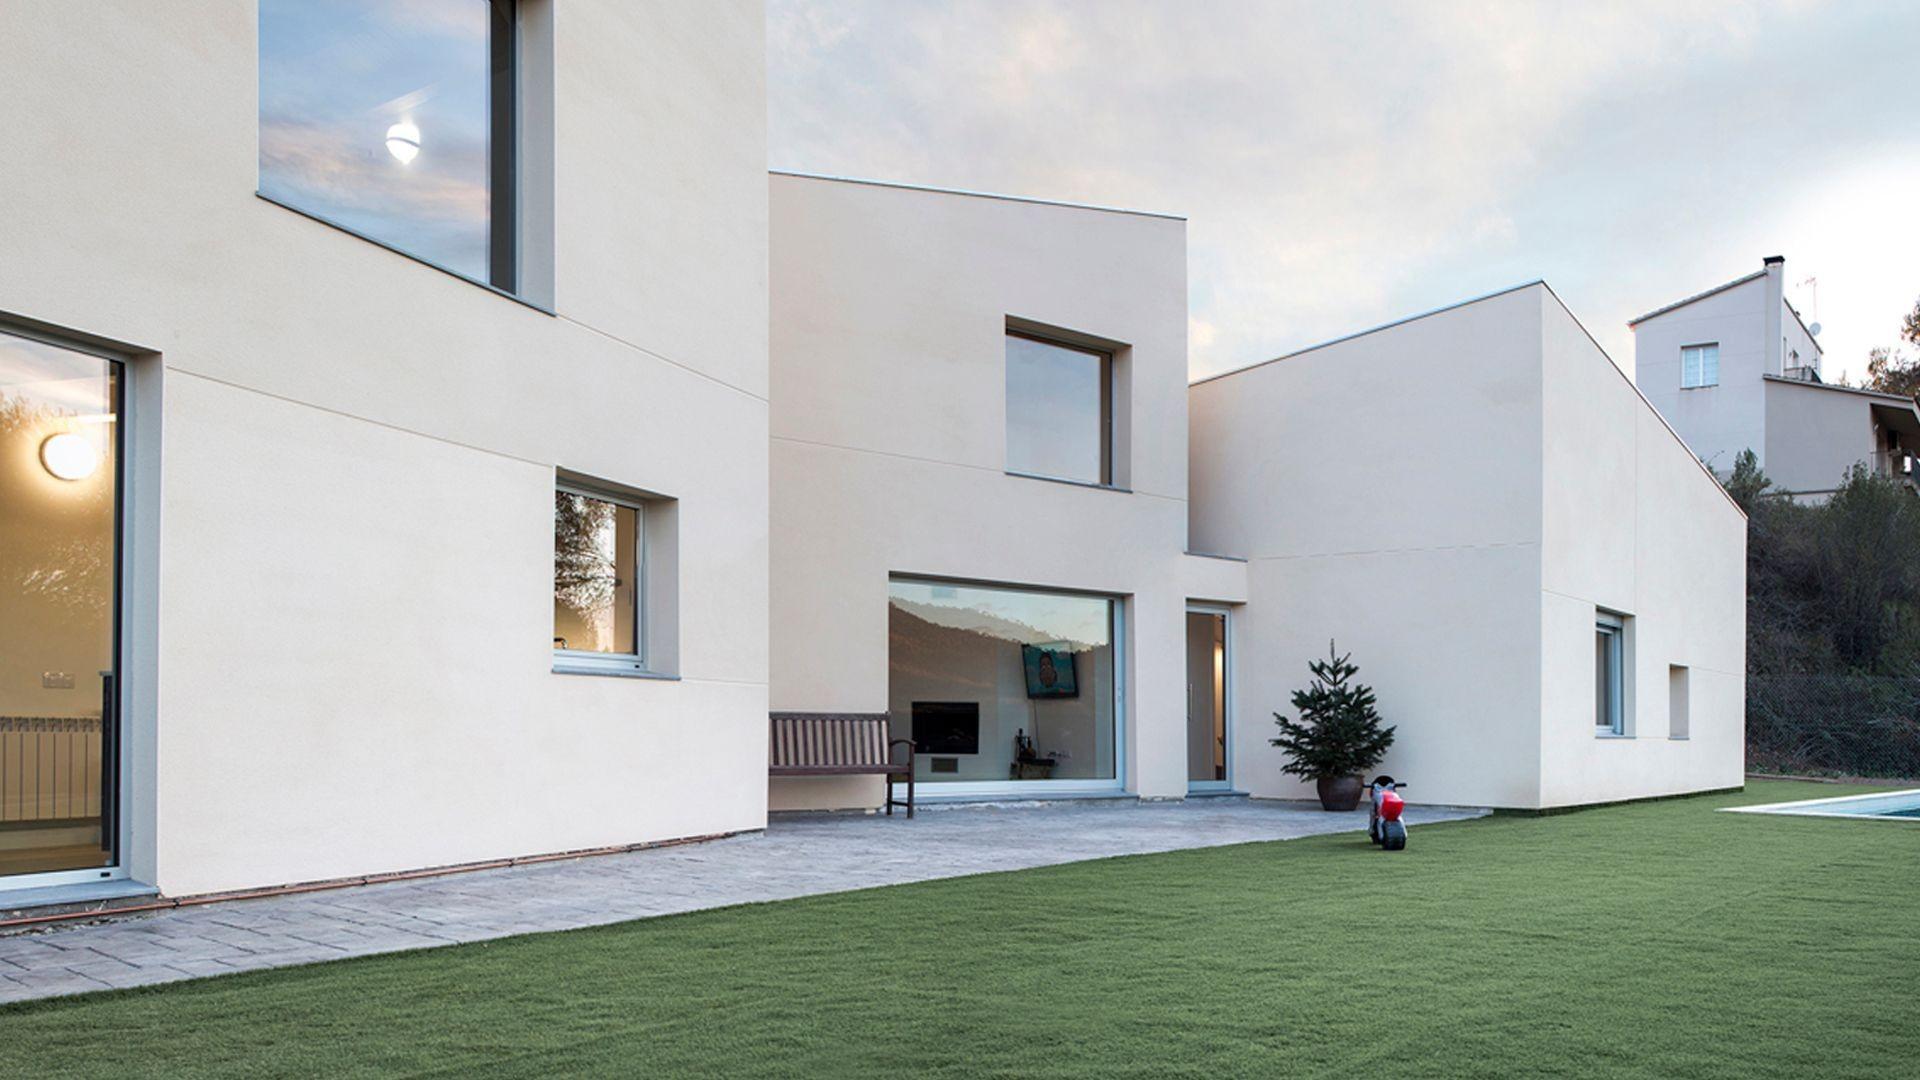 Despacho de arquitectos en Badalona, Barcelona